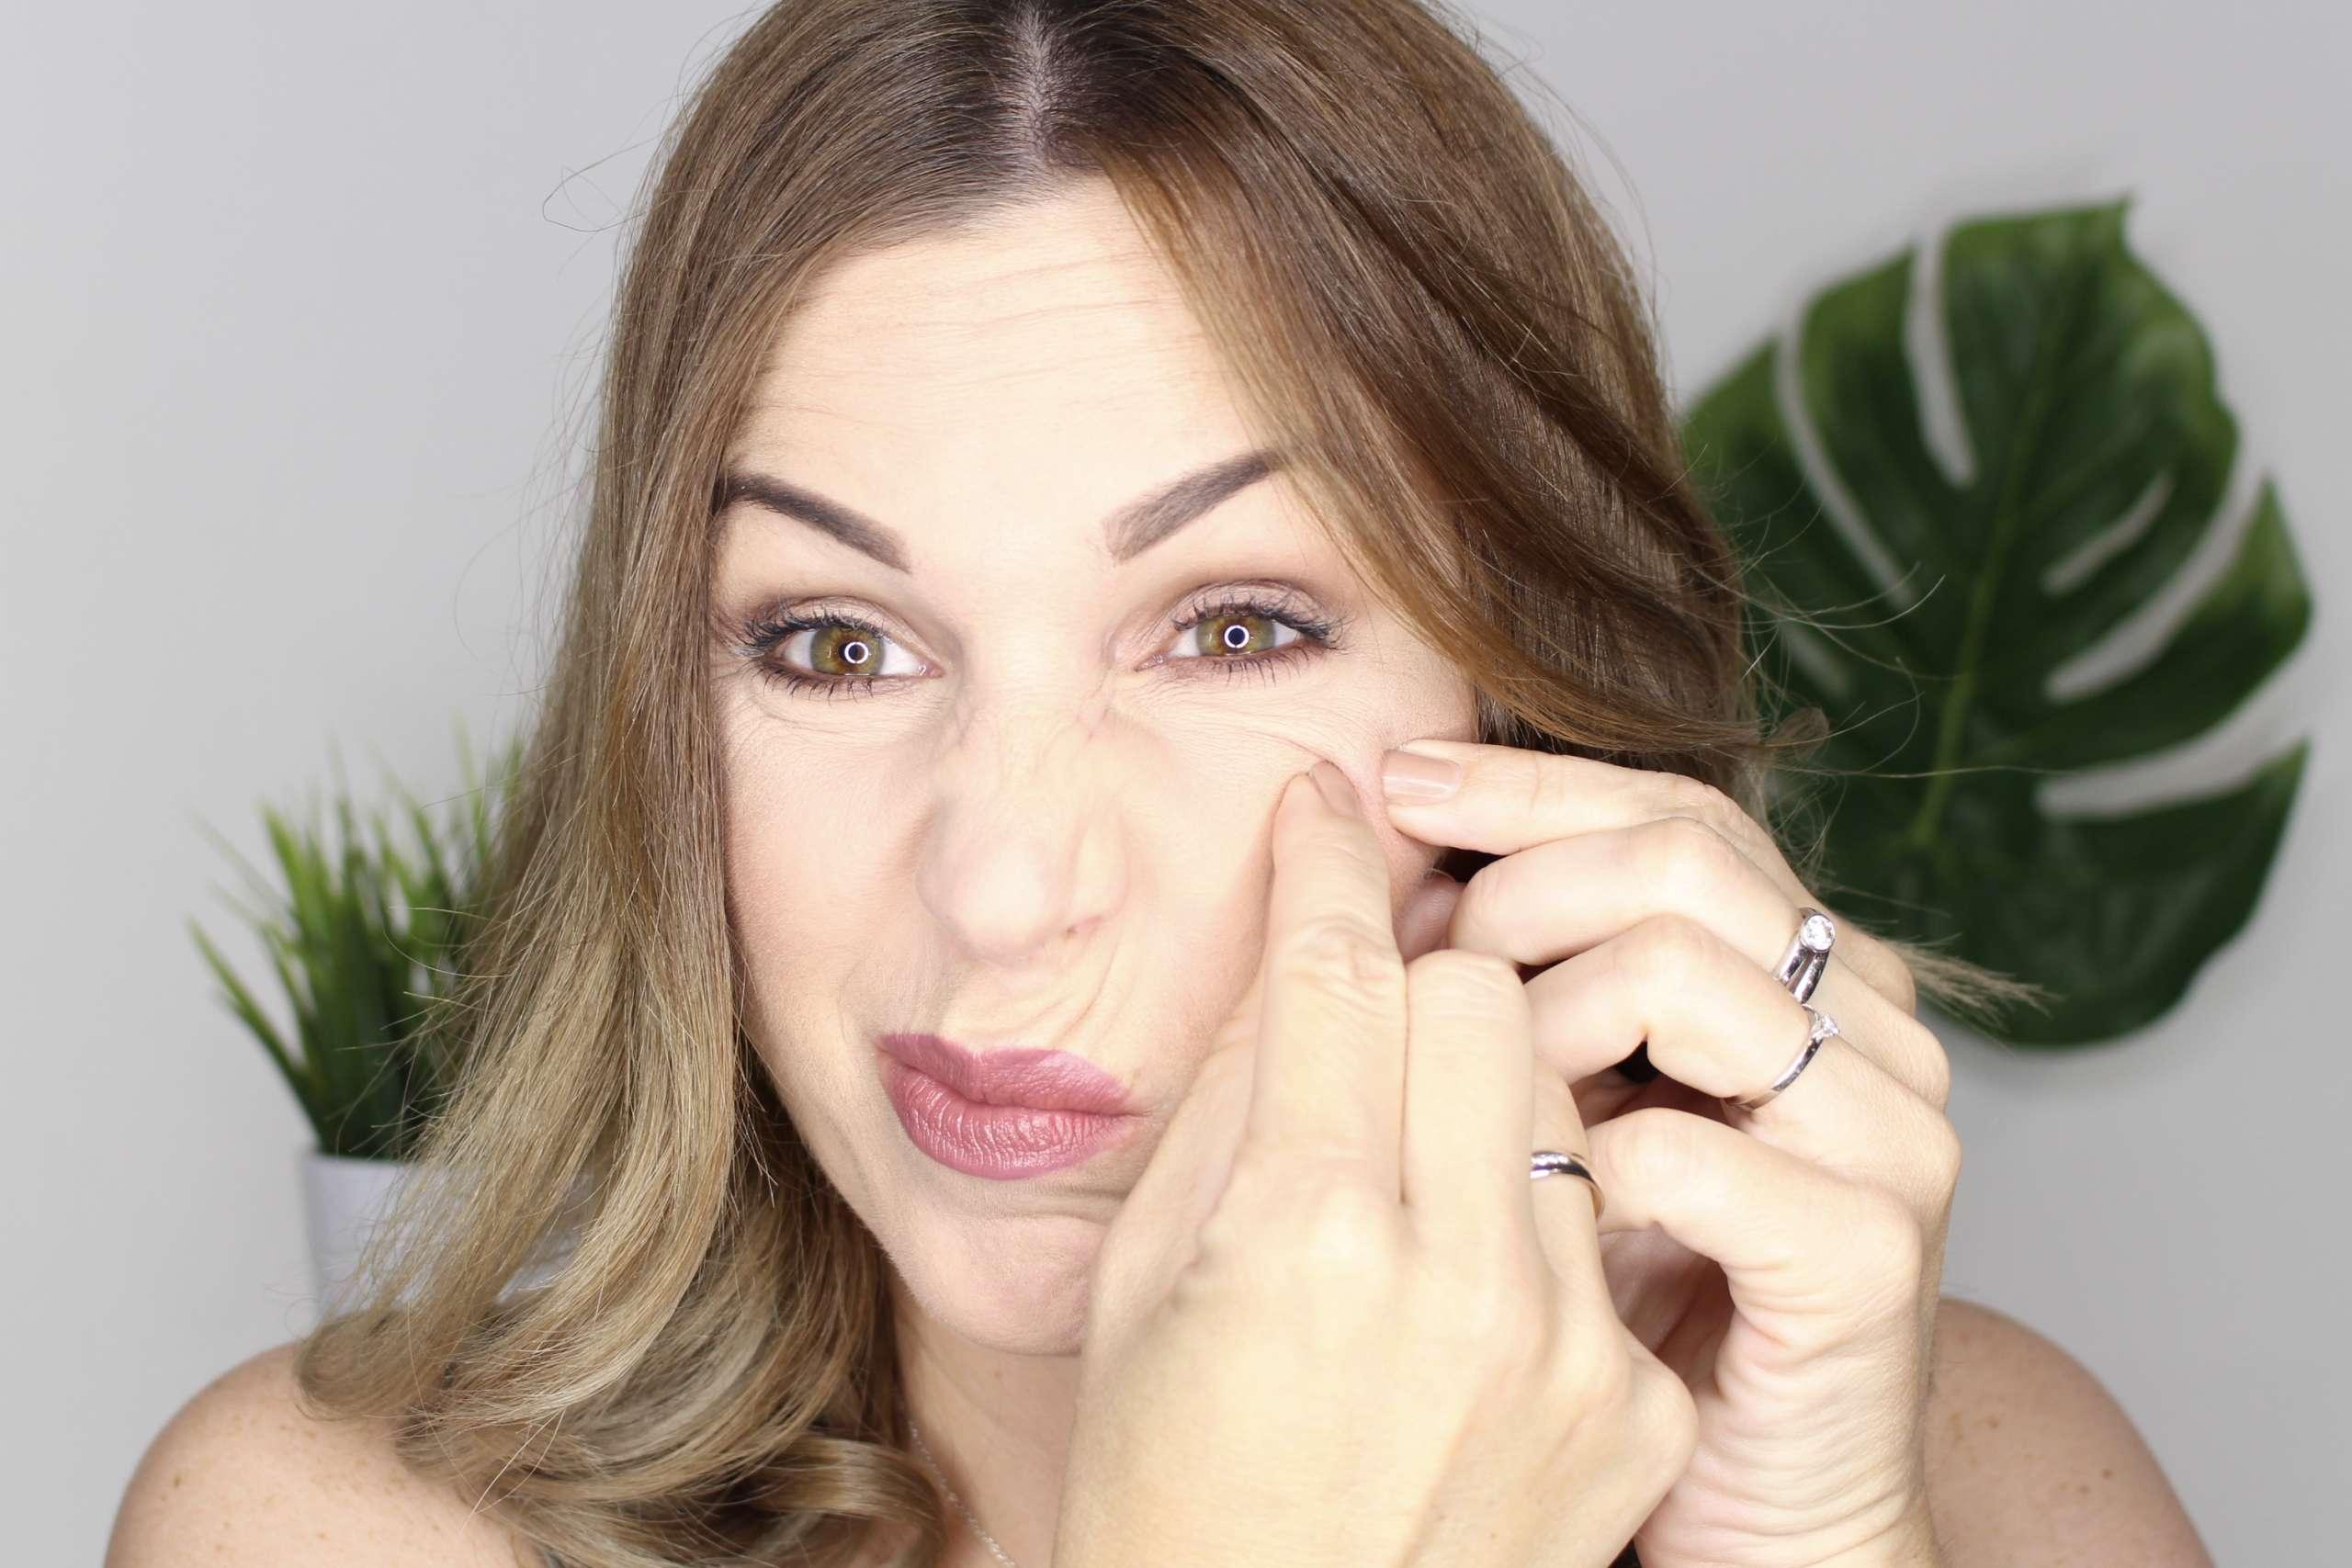 Spätakne: Tipps gegen unreine Haut mit 30 | PerfectHair.ch